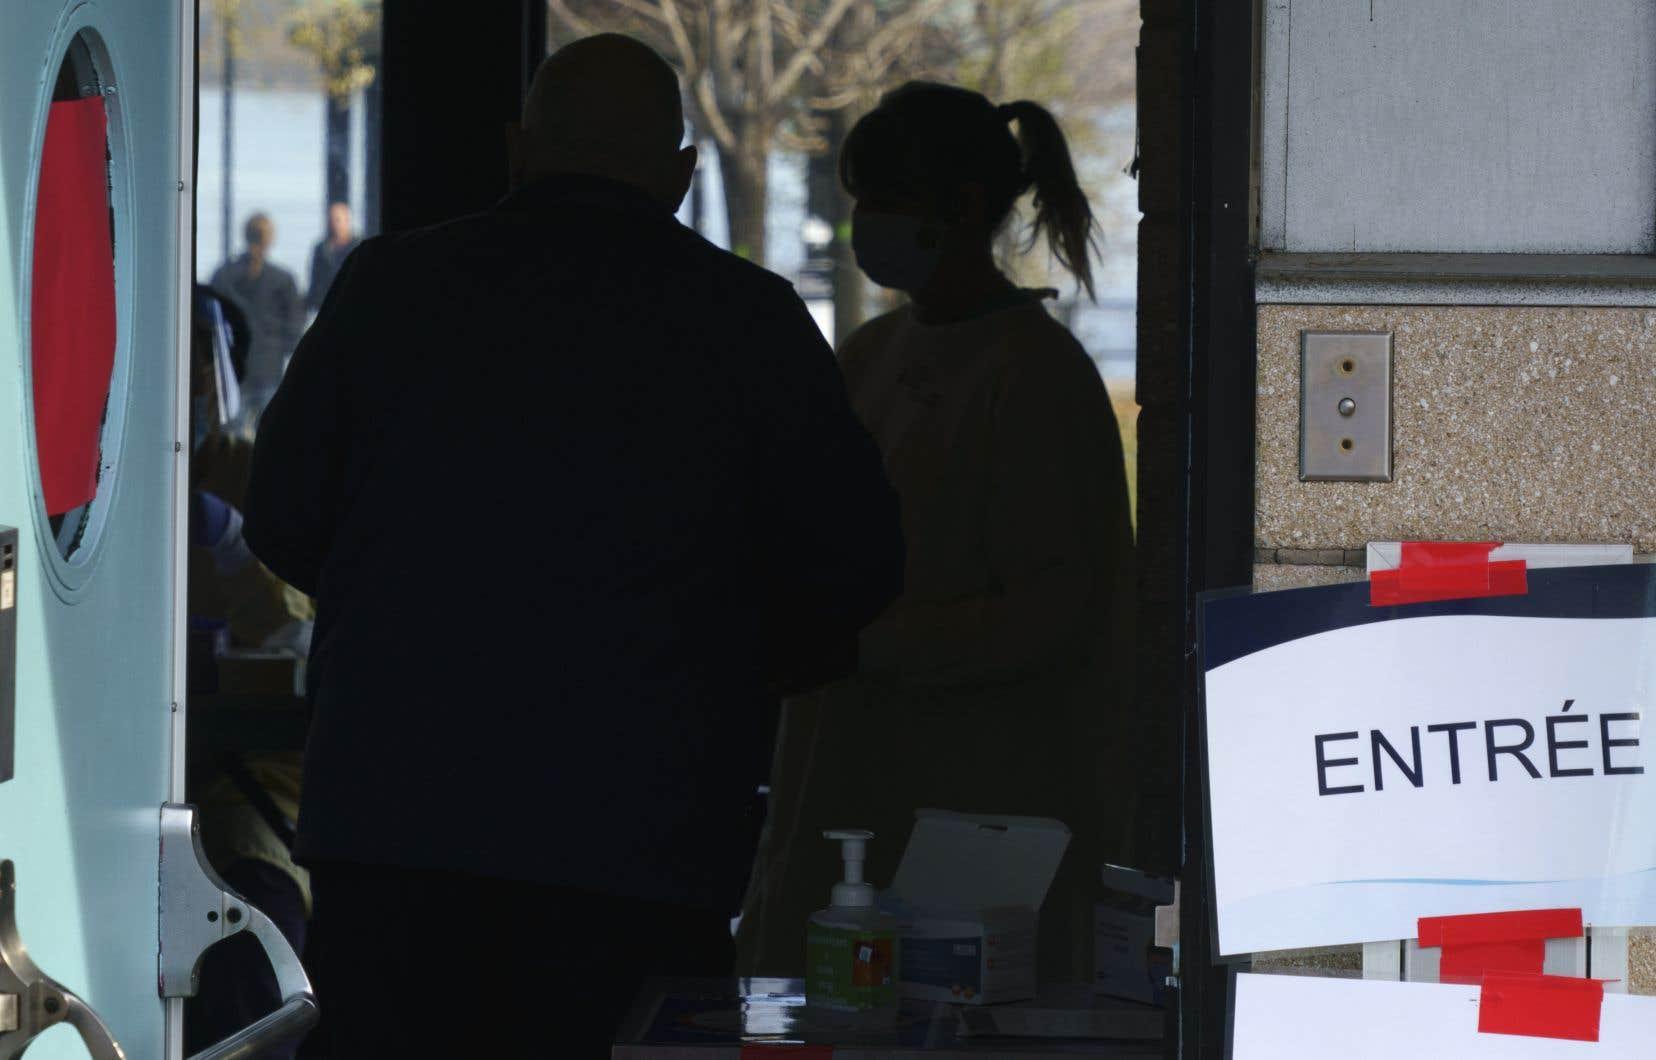 Plusieurs travailleurs de la santé craignent le pire au retour des fêtes puisque le système de santé est déjà sous pression.